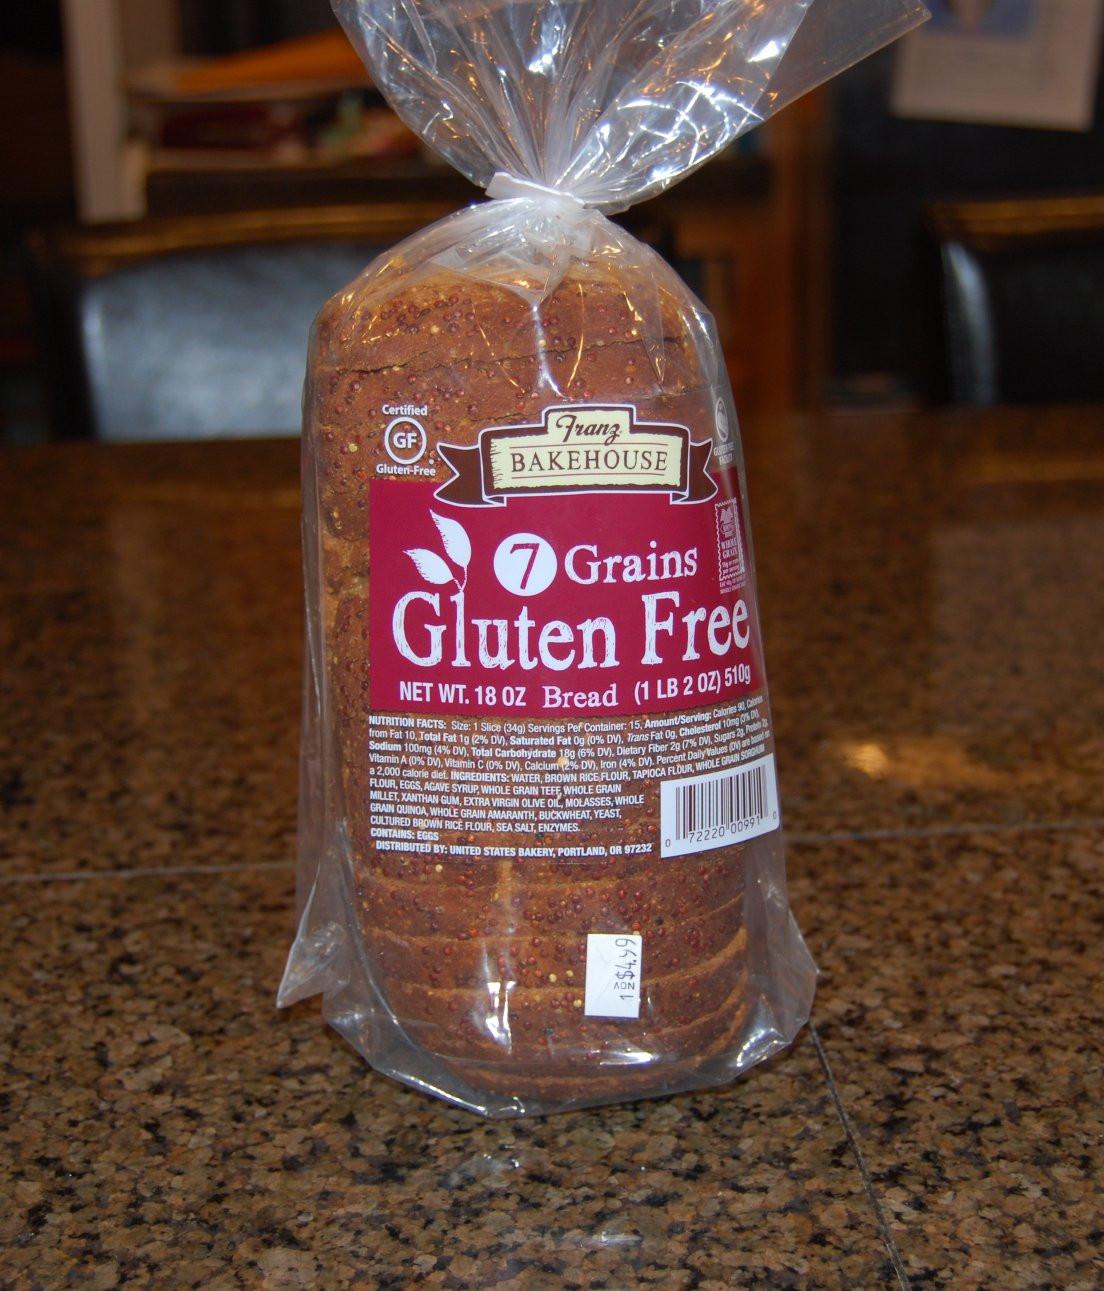 Franz Gluten Free Bread  Valerie s Patch Work Review Franz 7 Grains Gluten Free Bread